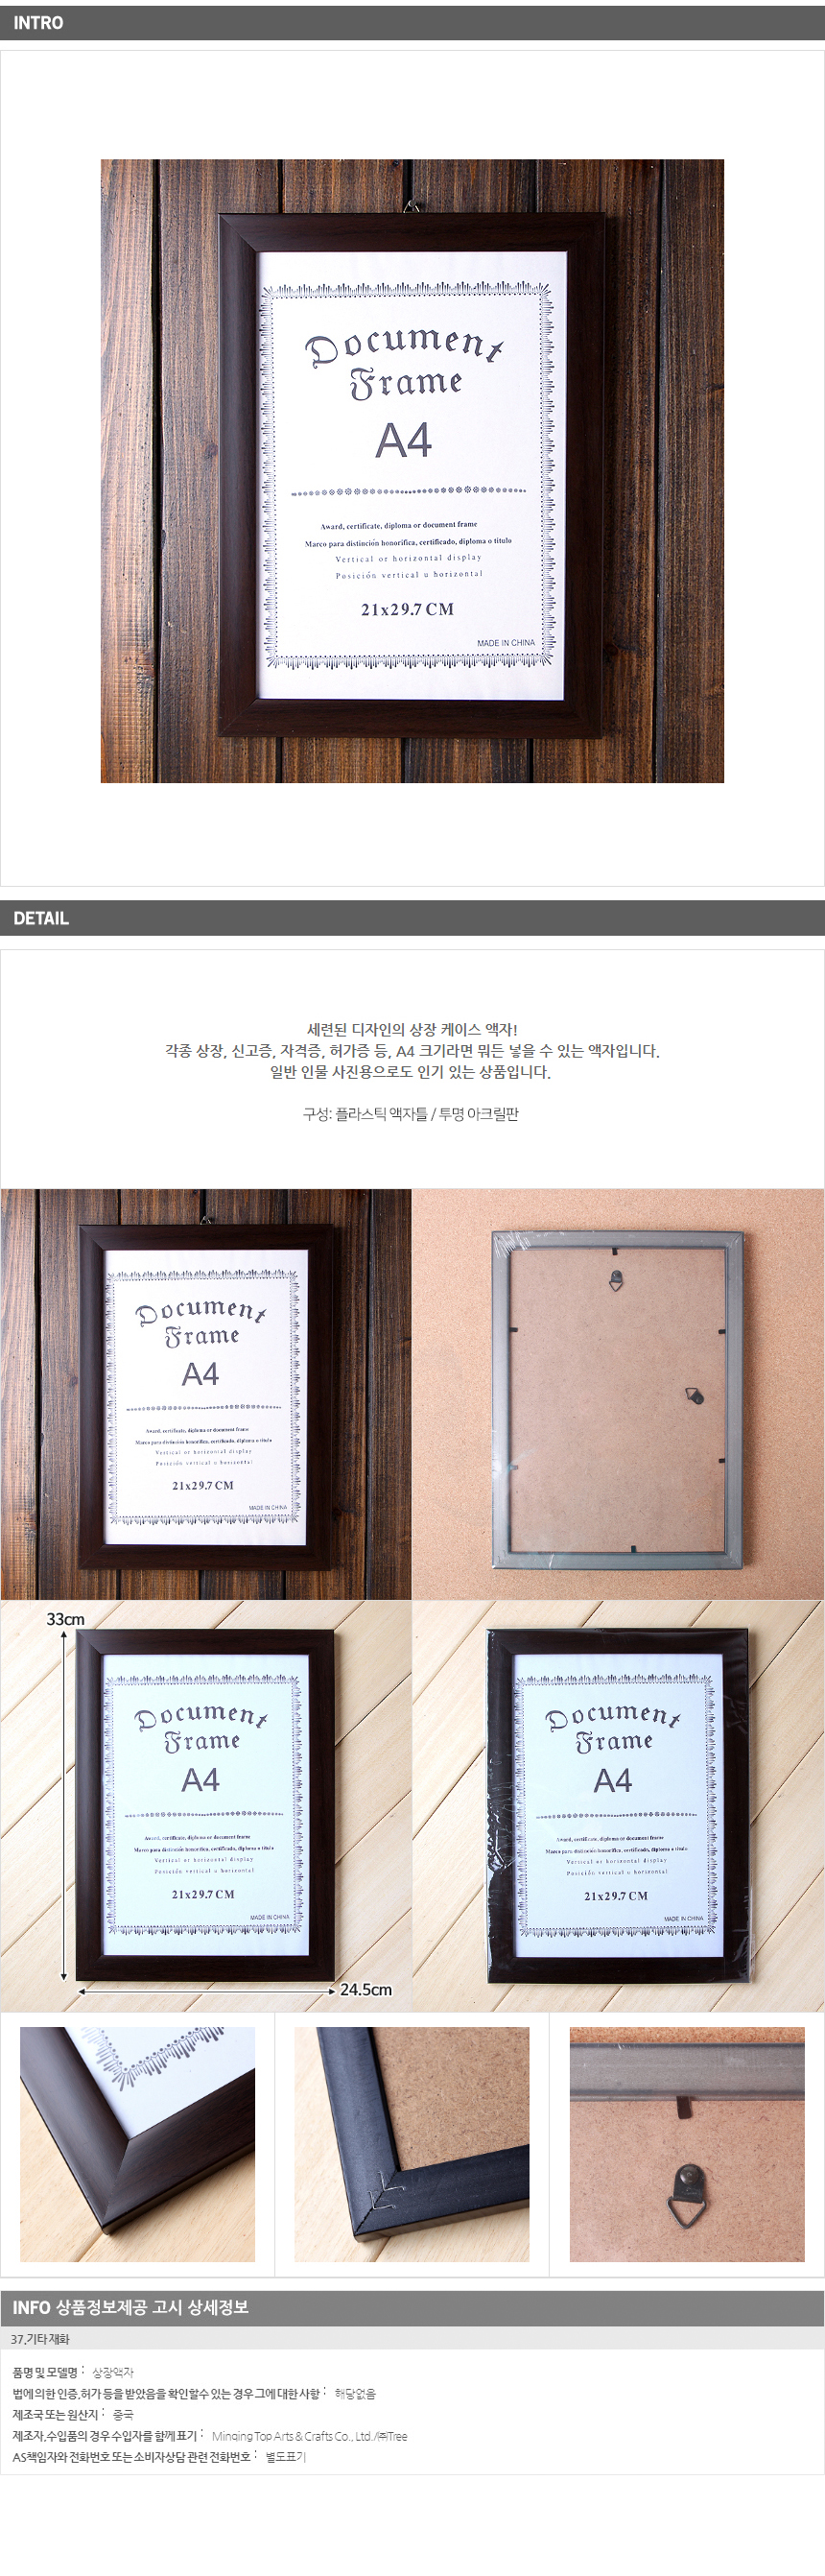 엔틱 허가증 상장액자(A4)/업소용 허가증 케이스 - 기프트갓, 4,000원, 액자, 벽걸이액자